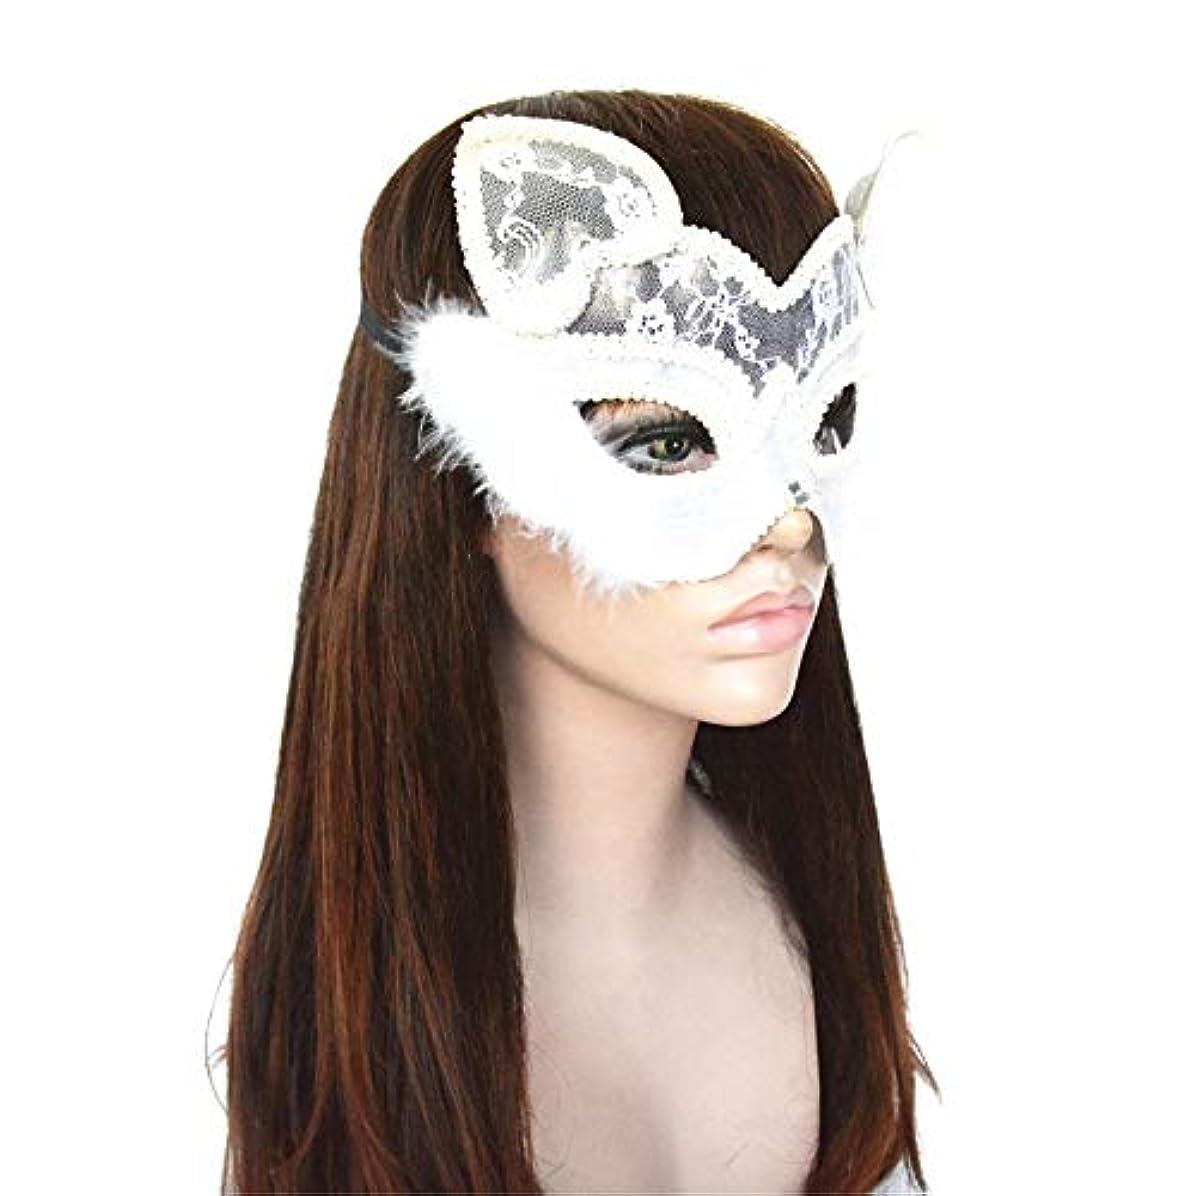 試してみる漏れ分析するダンスマスク レース楽しい女性動物猫顔ポリ塩化ビニールハロウィンマスククリスマス製品コスプレナイトクラブパーティーマスク パーティーボールマスク (色 : 白, サイズ : 19x15.5cm)